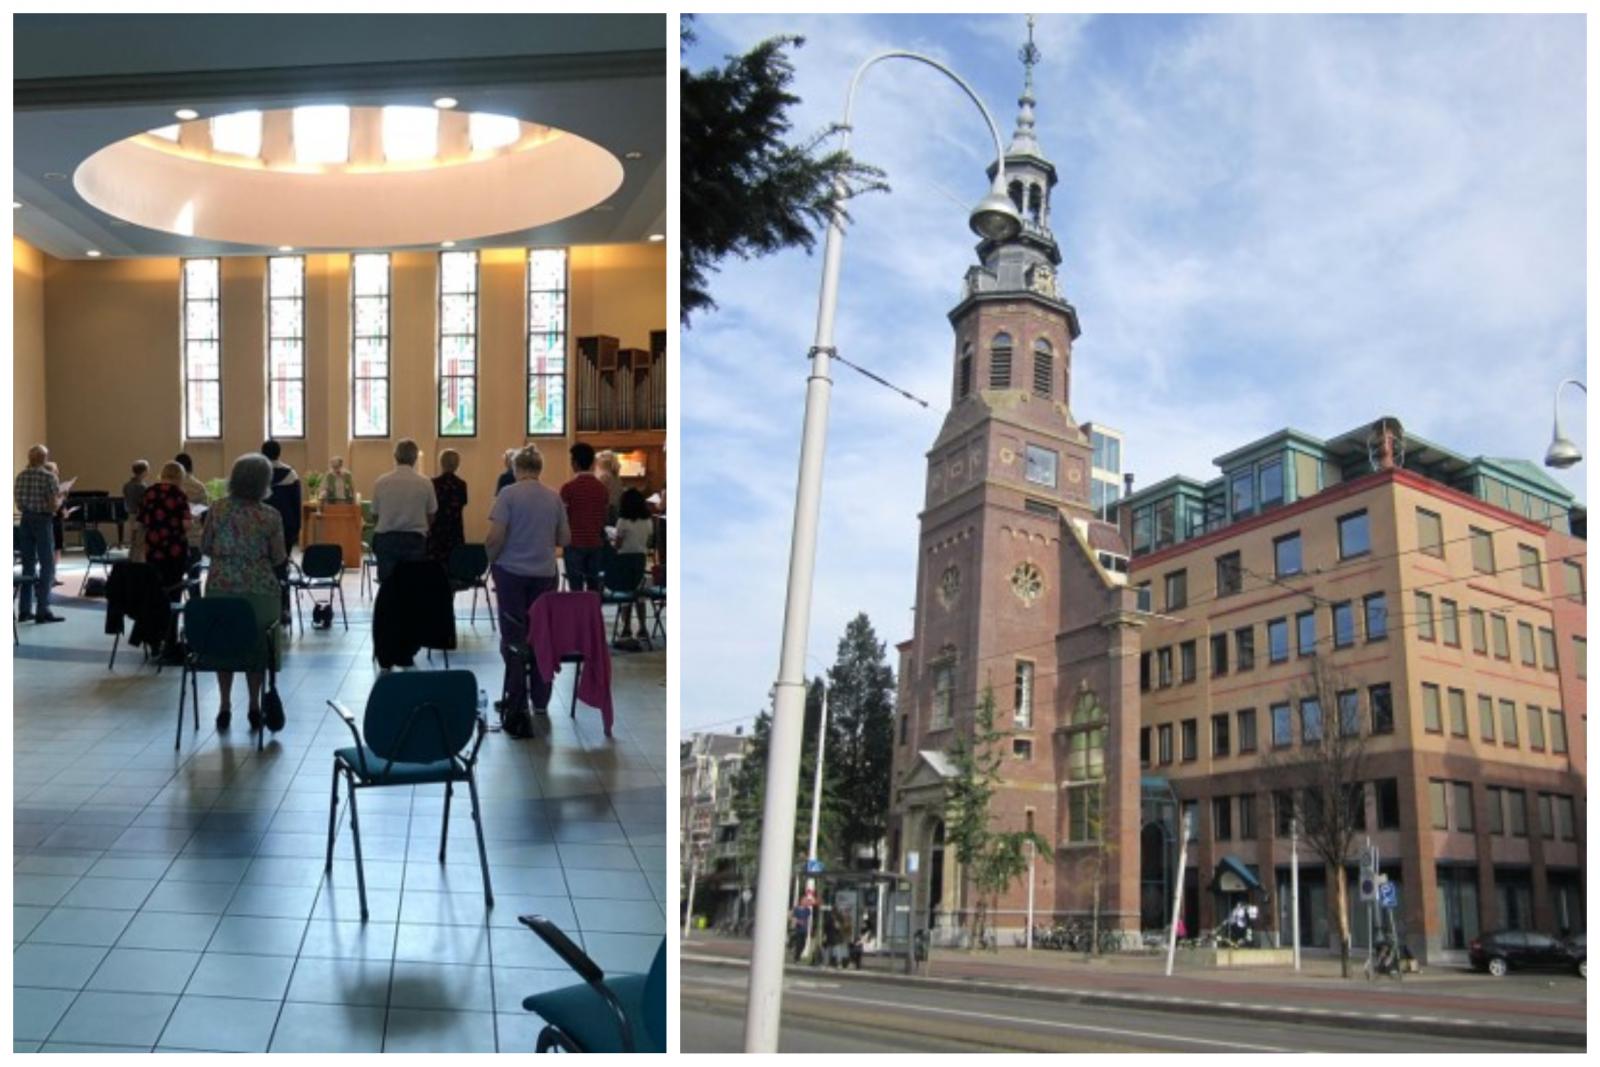 Vacature: Beheerder Muiderkerk